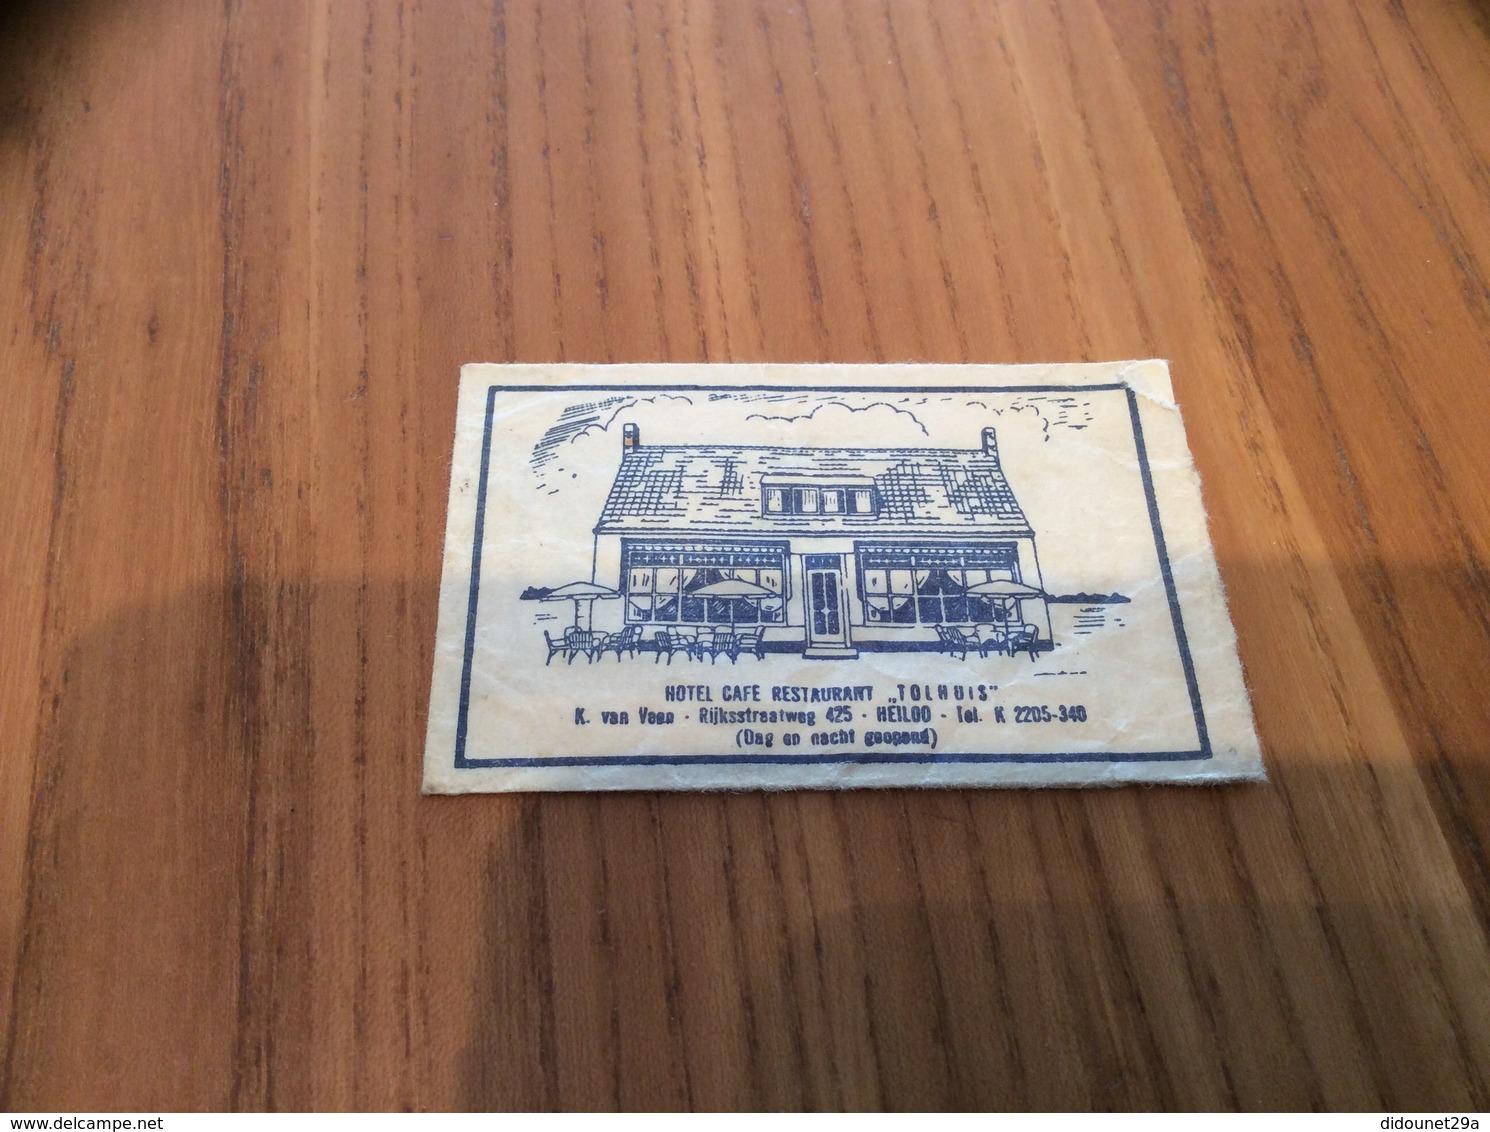 """Ancien Sachet De Sucre Pays-Bas """"HOTEL CAFÉ RESTAURANT TOLHUIS - HEILOO"""" Années 60 - Sugars"""